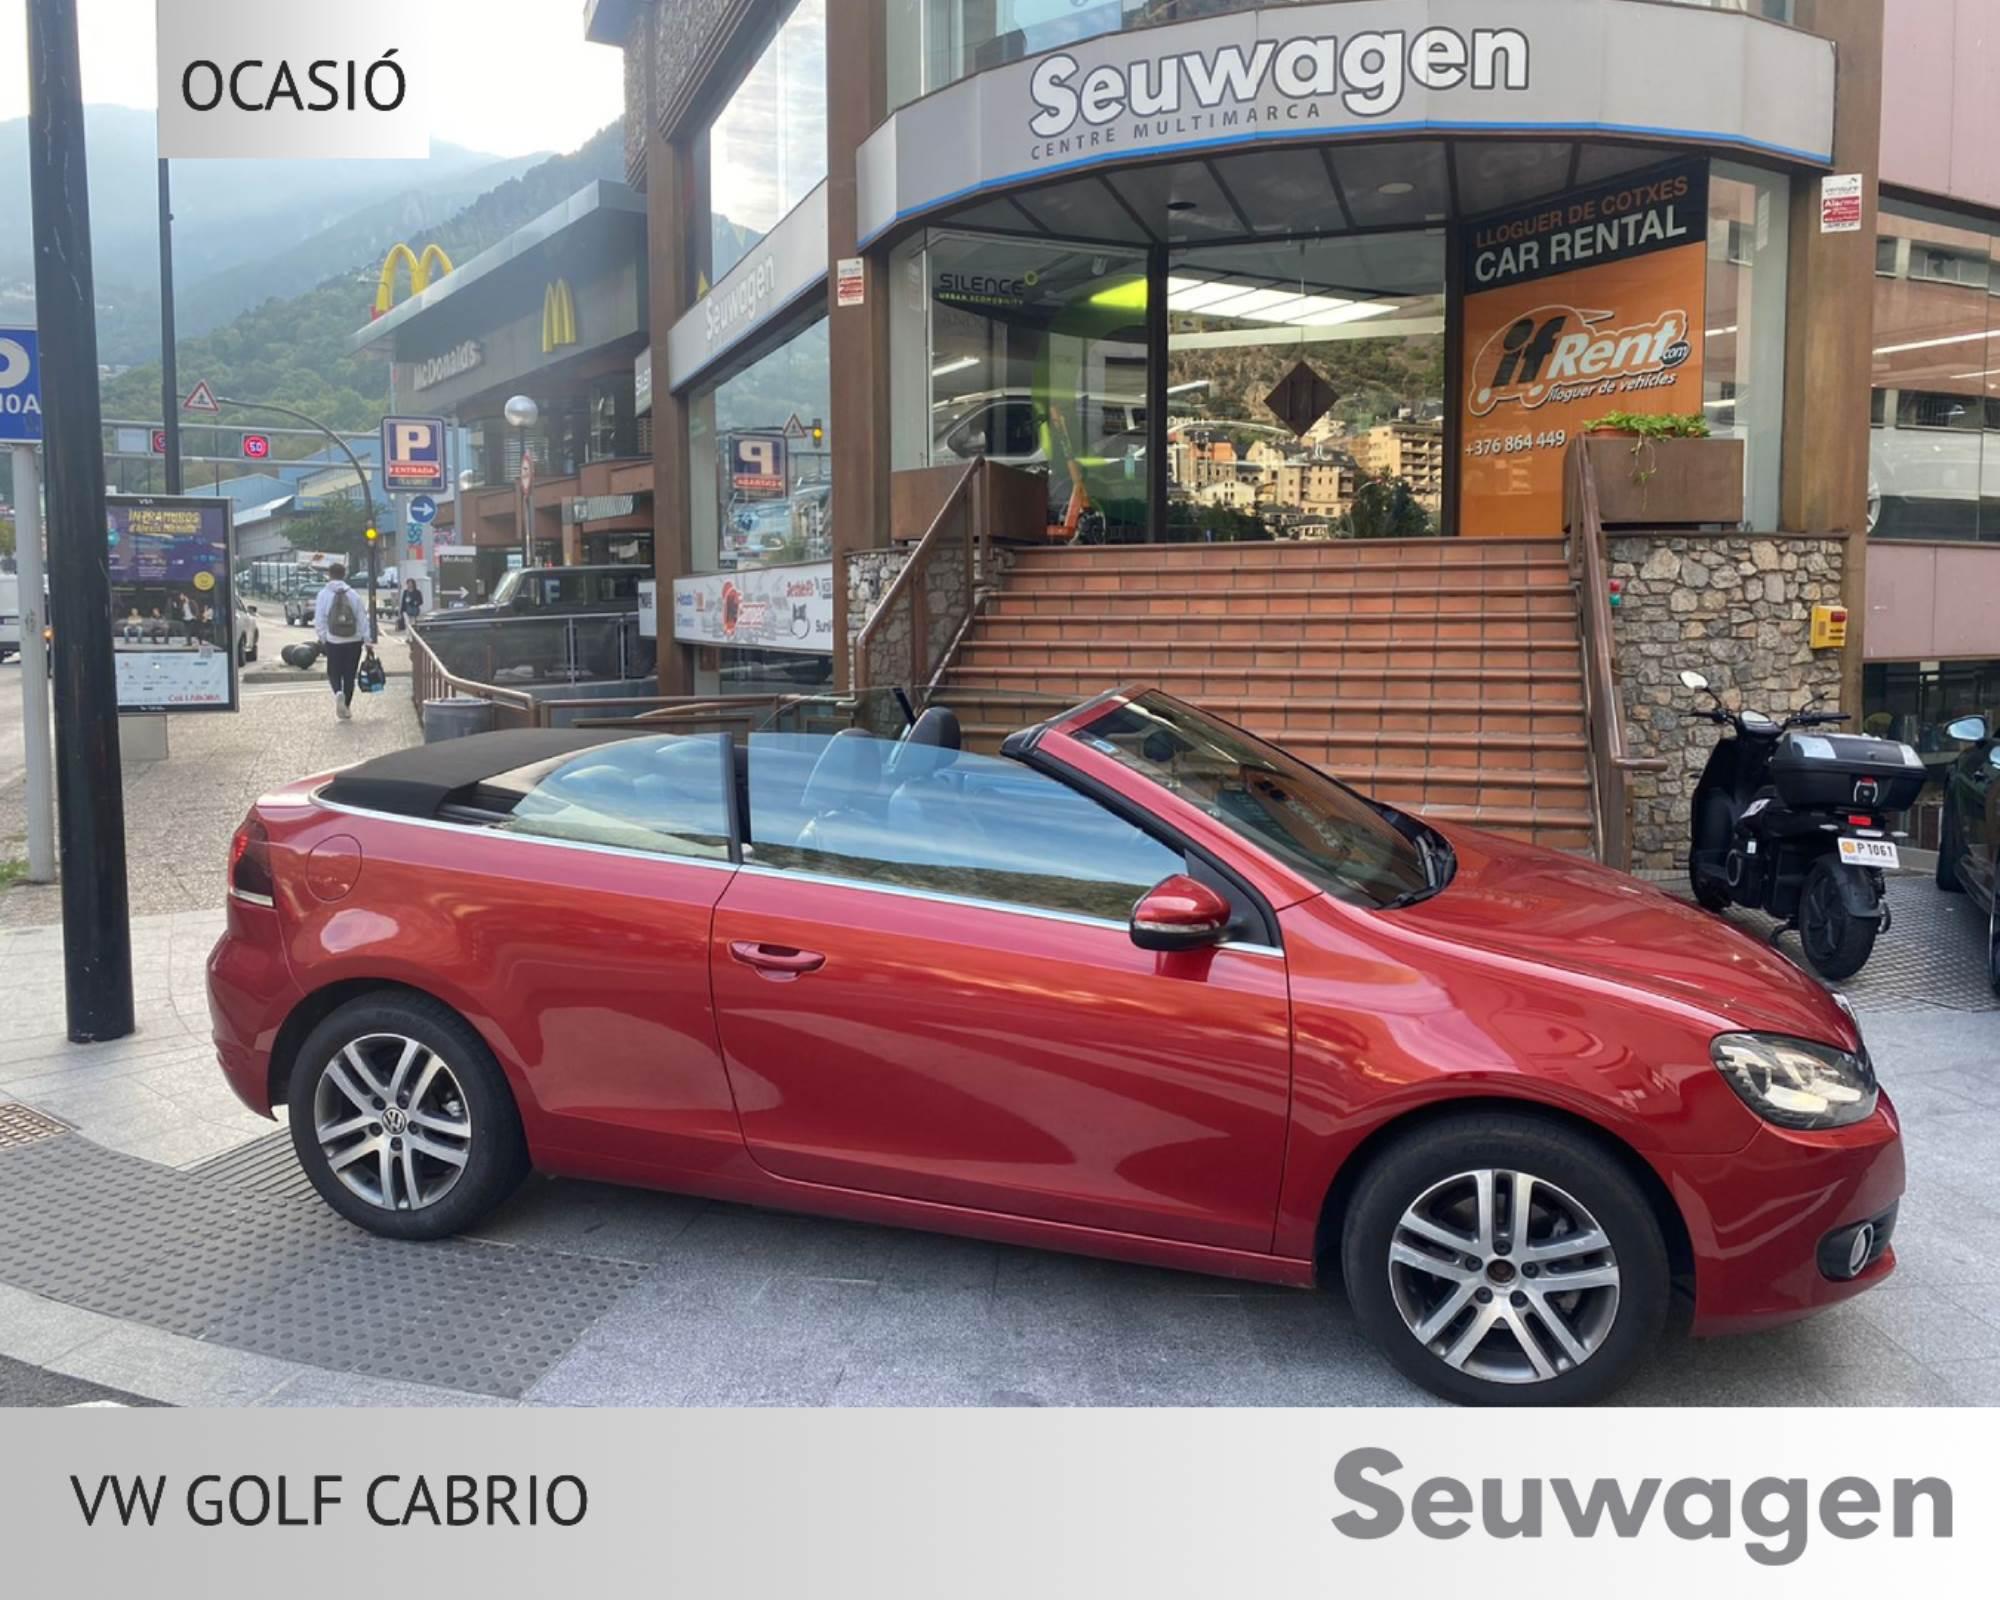 Volkswagen - Golf - Cabrio Cabrio Dièsel  2018  120.000 Km